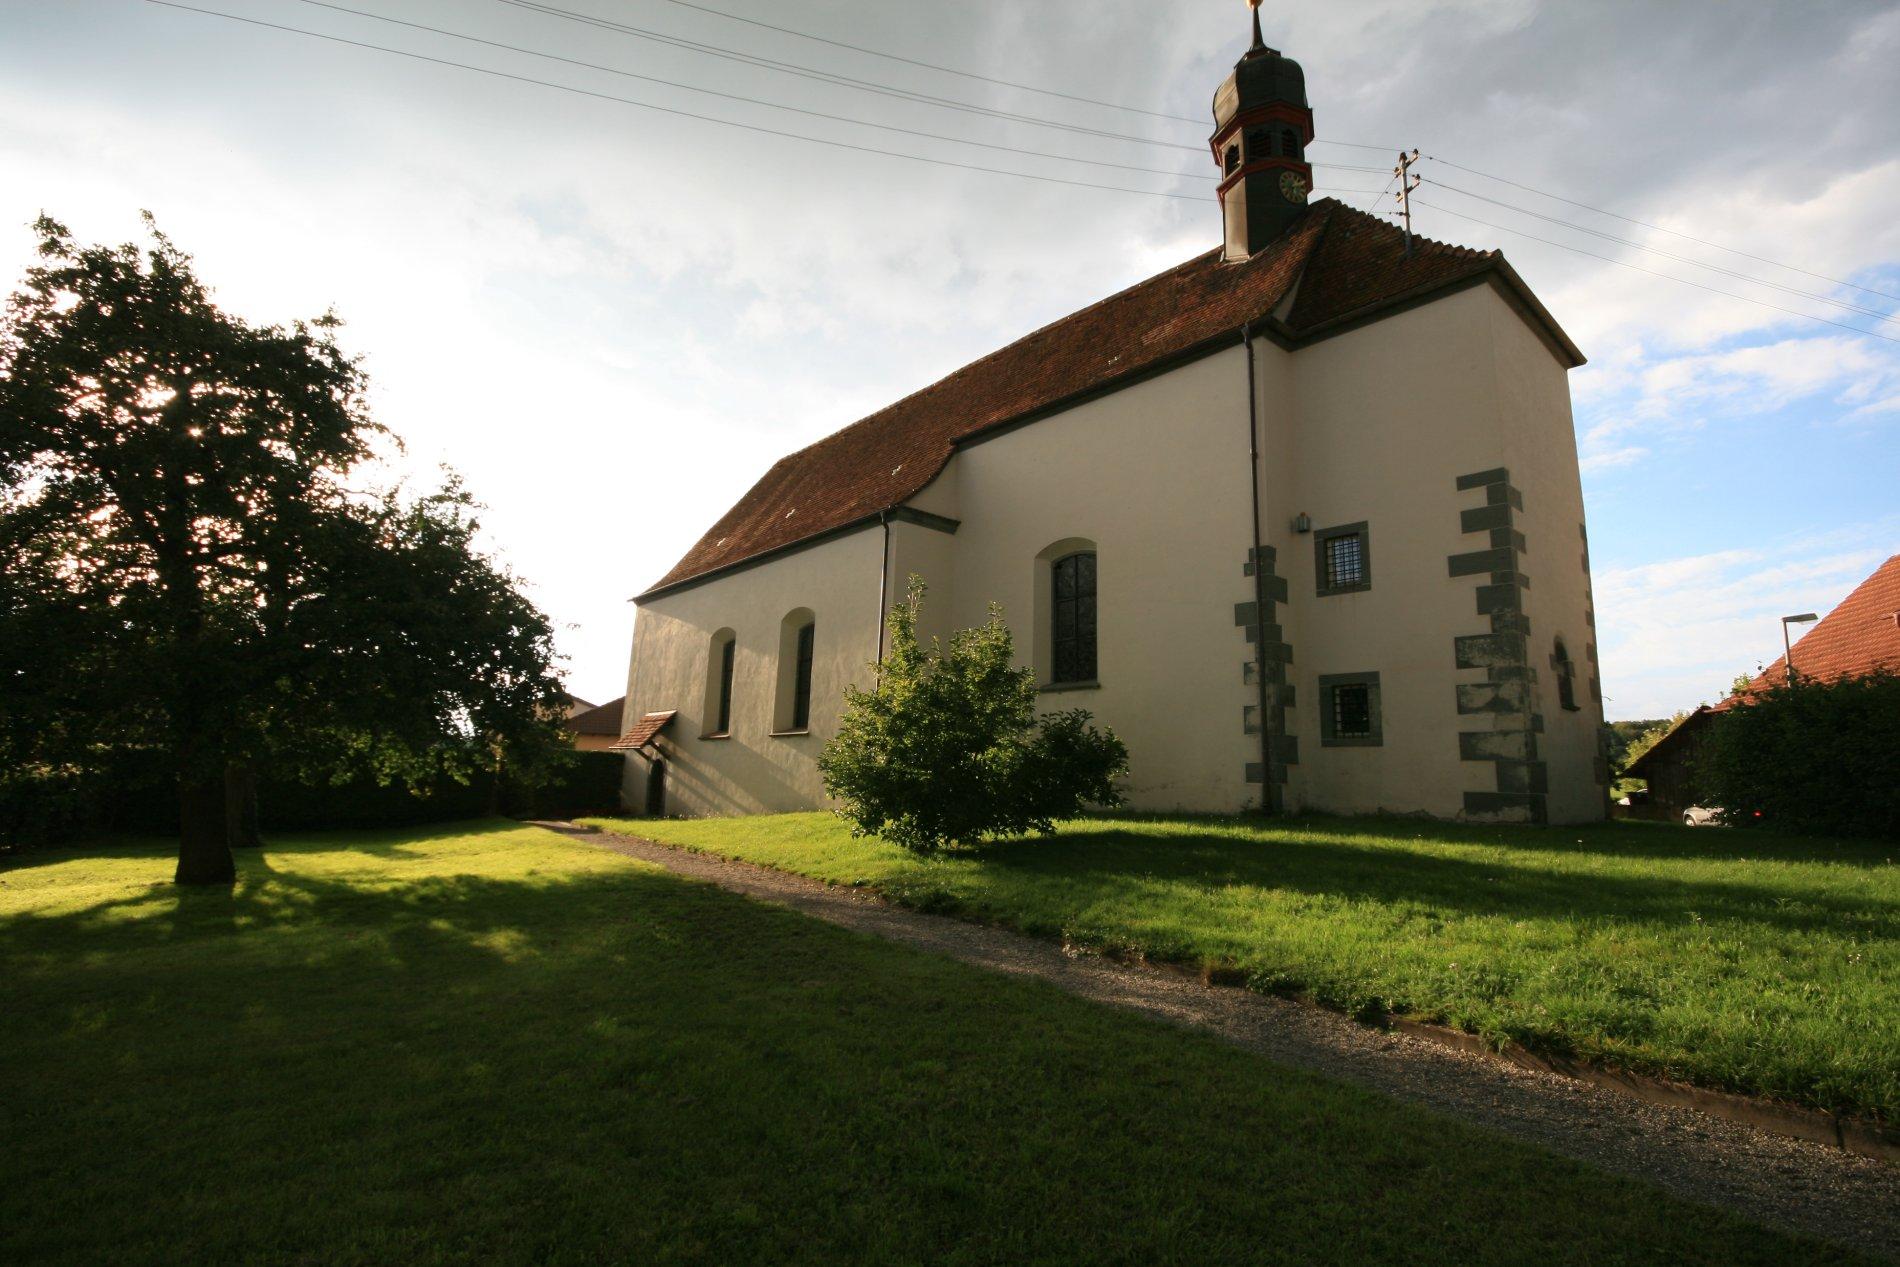 St. Konrads Kapelle Wiechs